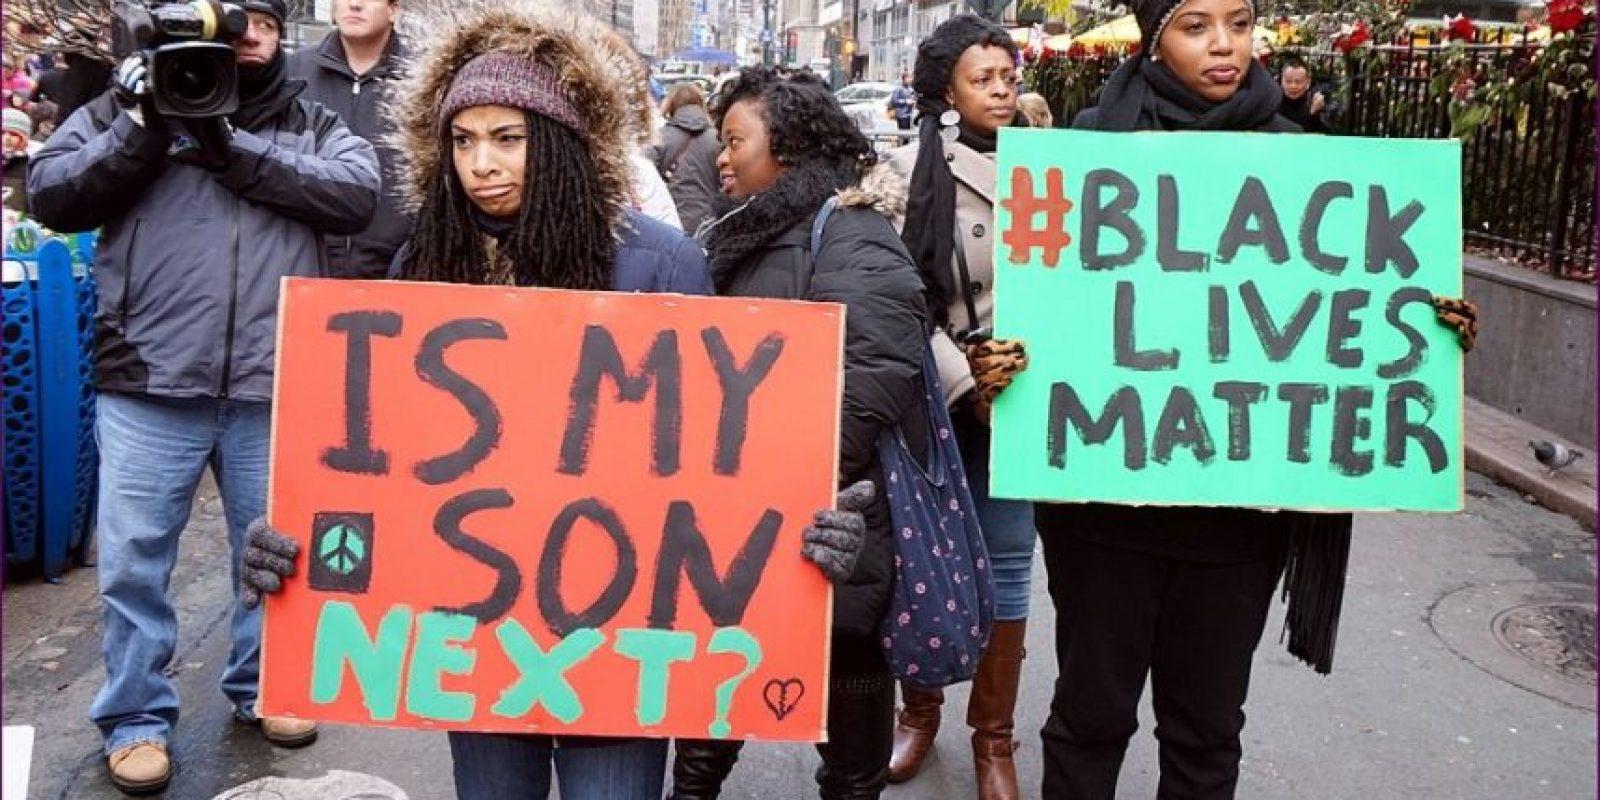 #BlackLivesMatter. Este hashtag comenzó como una respuesta al juicio y eventual absolución de George Zimmerman, quien disparó contra el joven de 17 años de edad Trayvon Martin, muerto en 2012. El movimiento se ha reavivado en varias ocasiones, sobre todo #Ferguson, que comenzó en 2014 después de la muerte de Michael Brown en Missouri. Este año también se ha visto la promoción de la etiqueta durante la actuación de Beyoncé en el Super Bowl. Foto:Fuente Externa